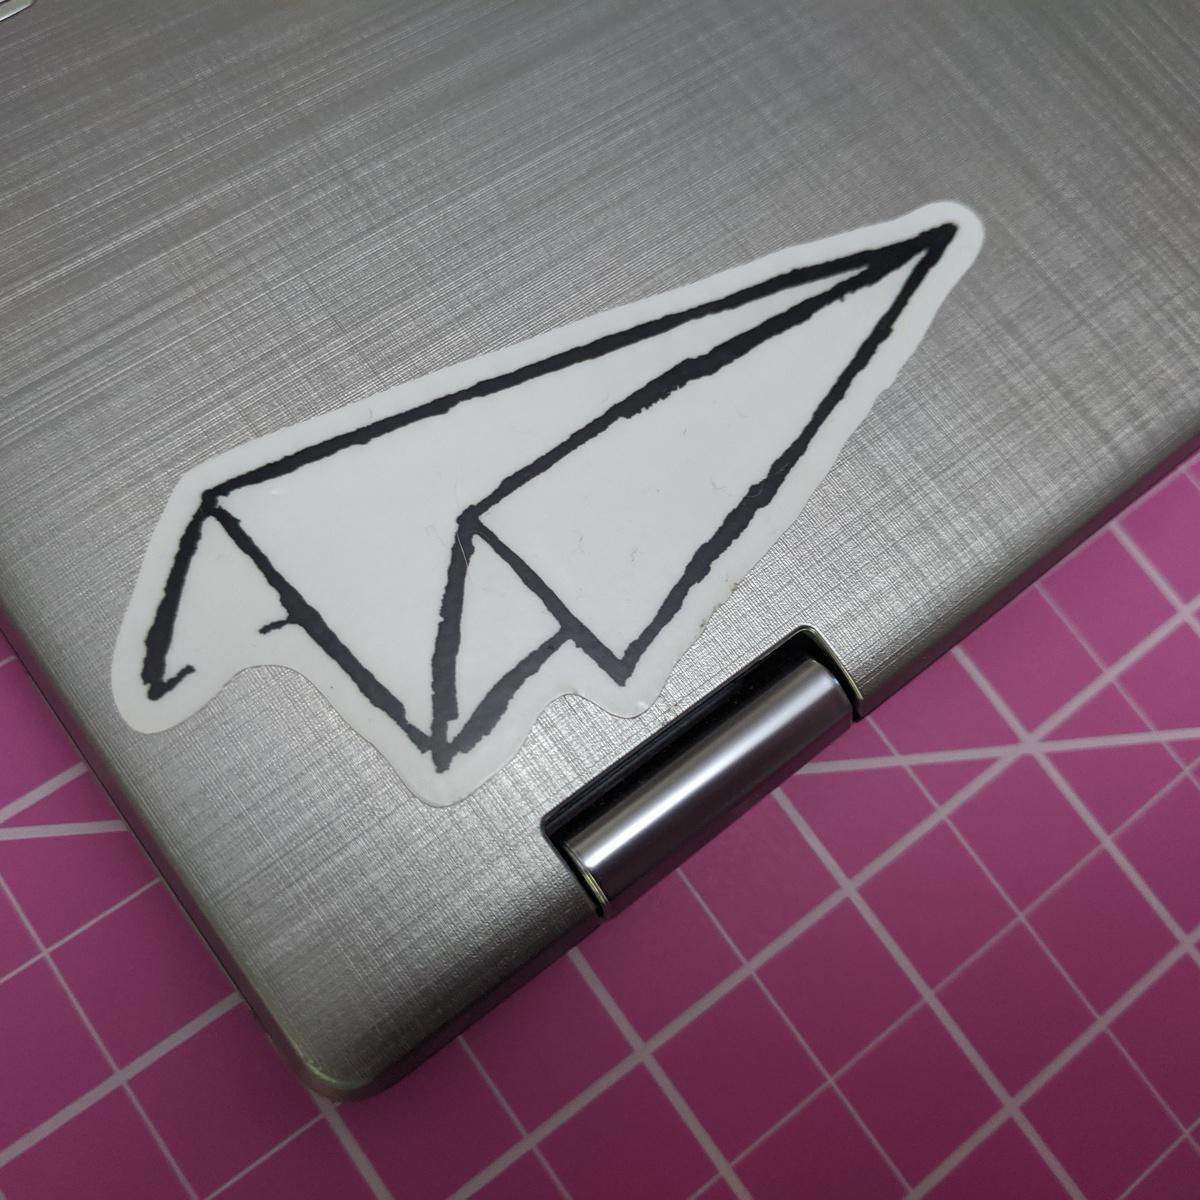 Airplane Sketch Sticker Featured